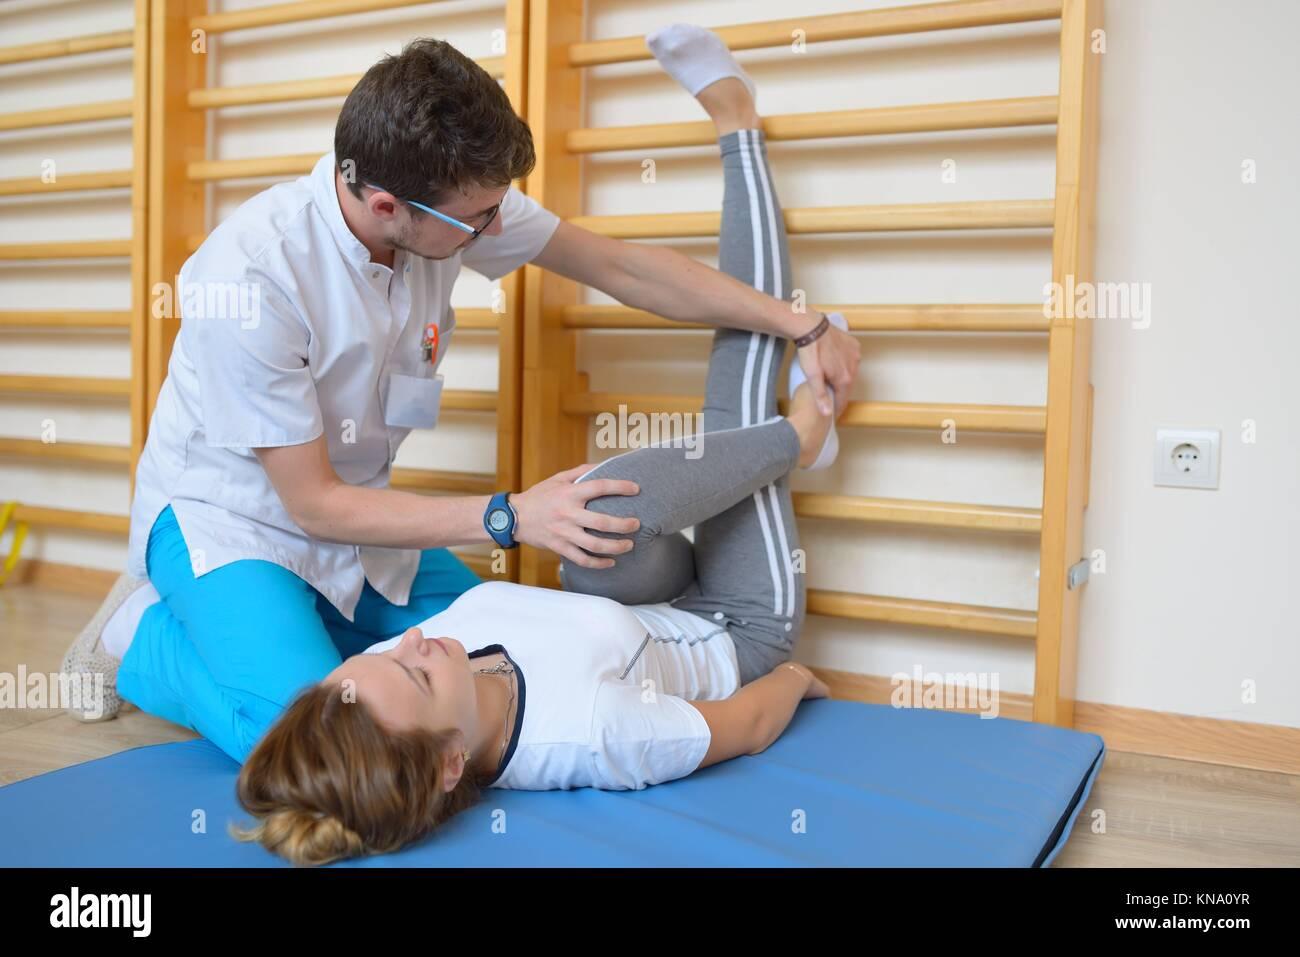 Back Pains Imágenes De Stock & Back Pains Fotos De Stock - Alamy